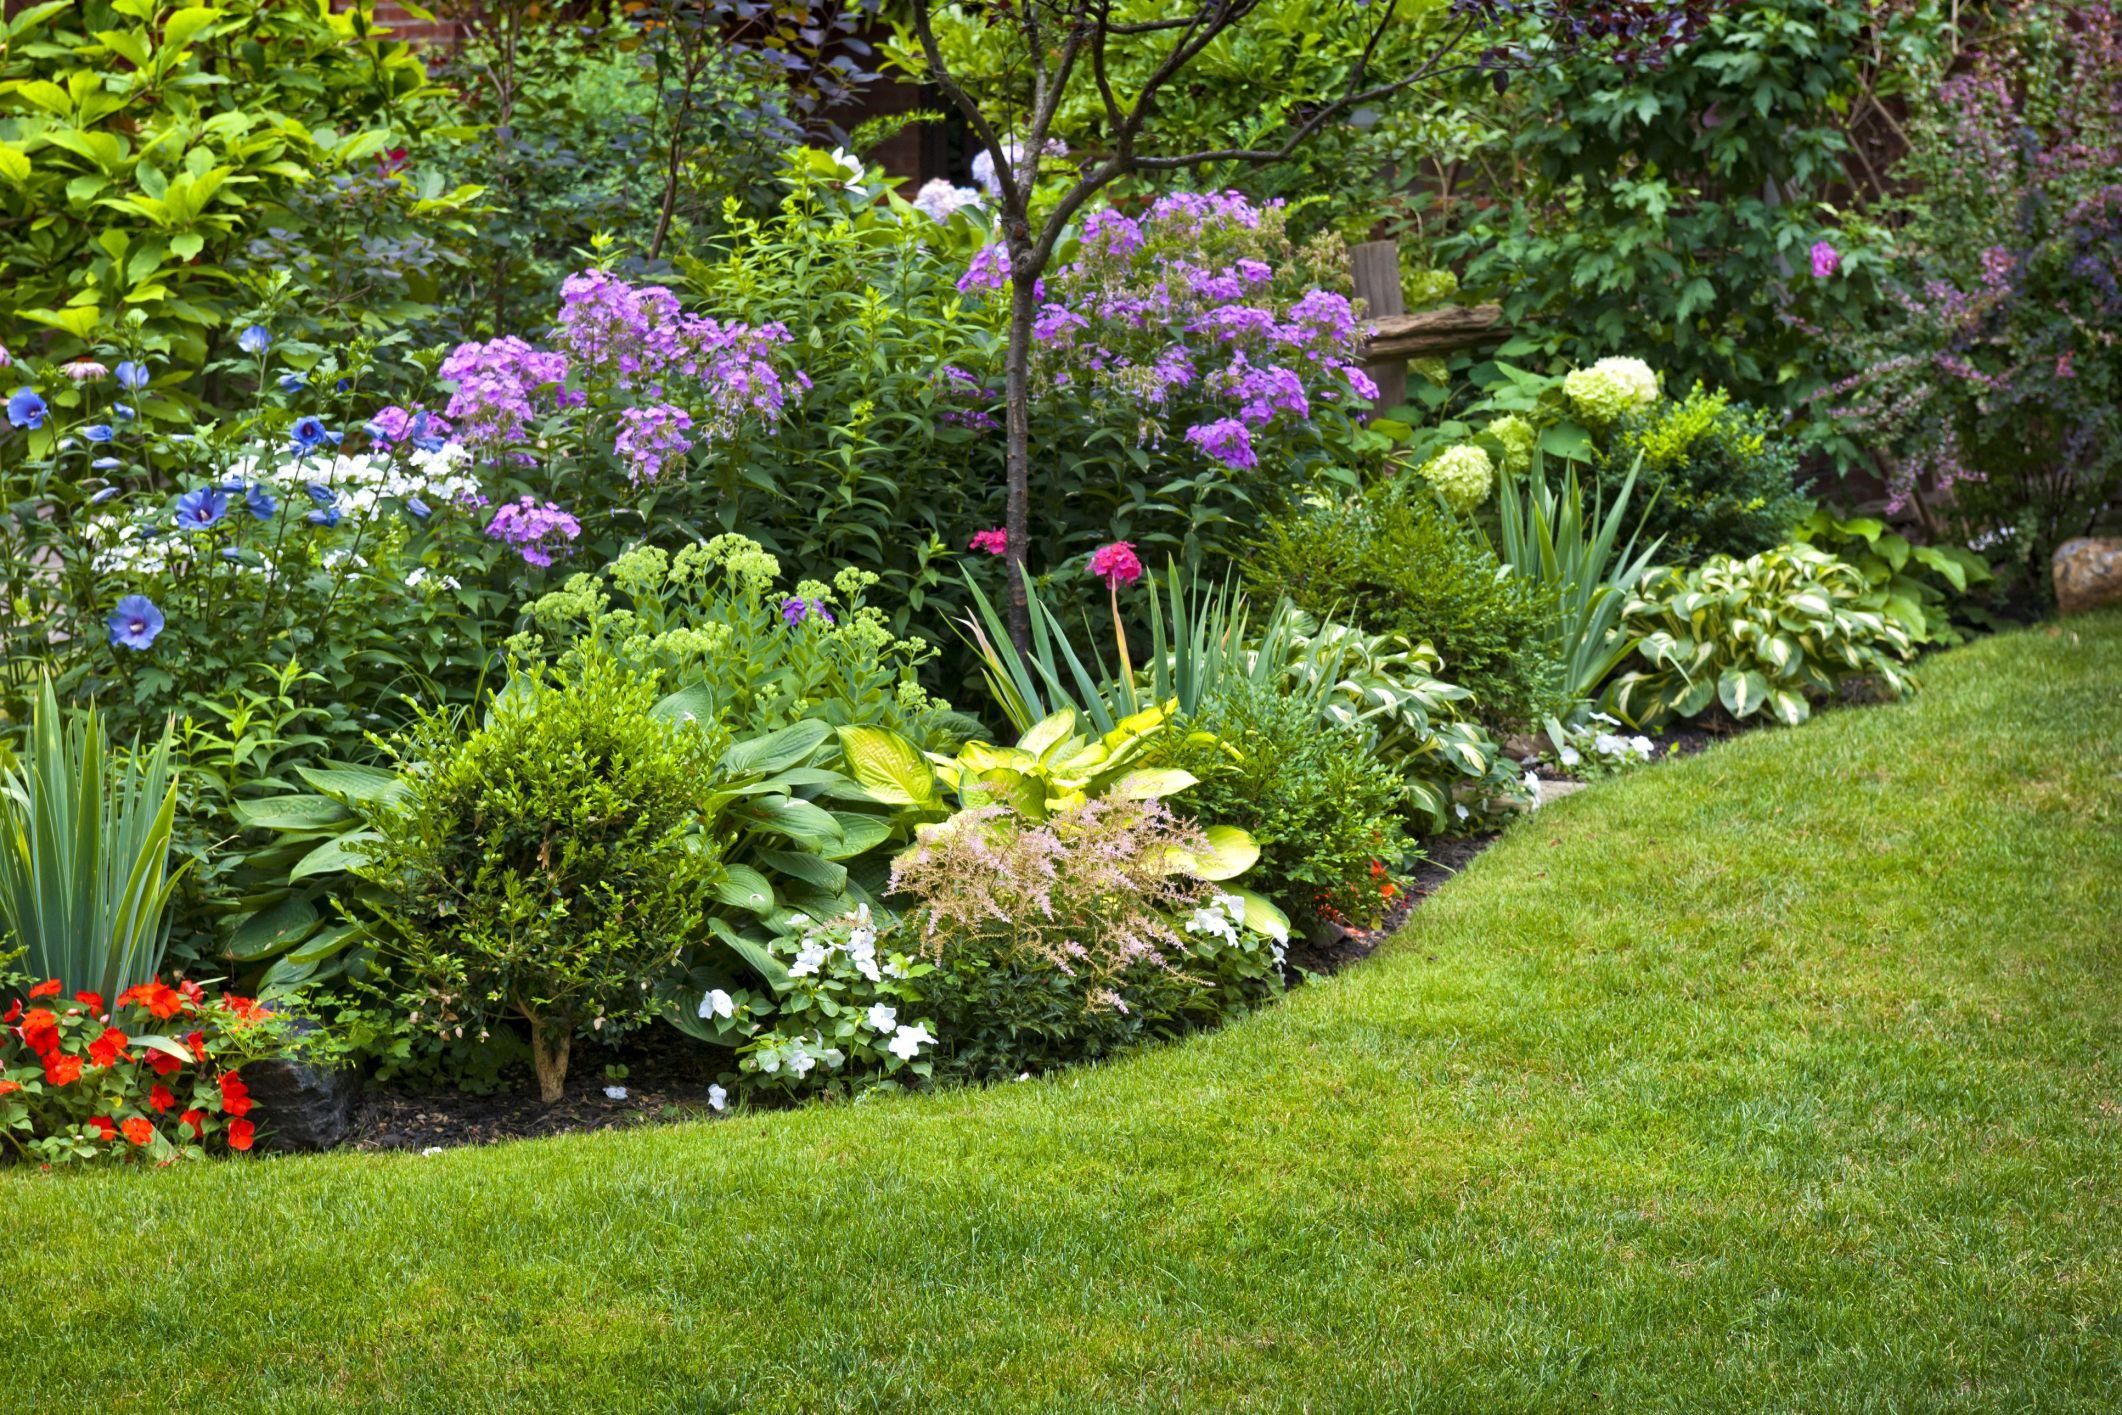 Garten Am Hang Kies Steine Rand Sträucher Bäume | Garten | Pinterest | Kies  Steine, Sträucher Und Kies